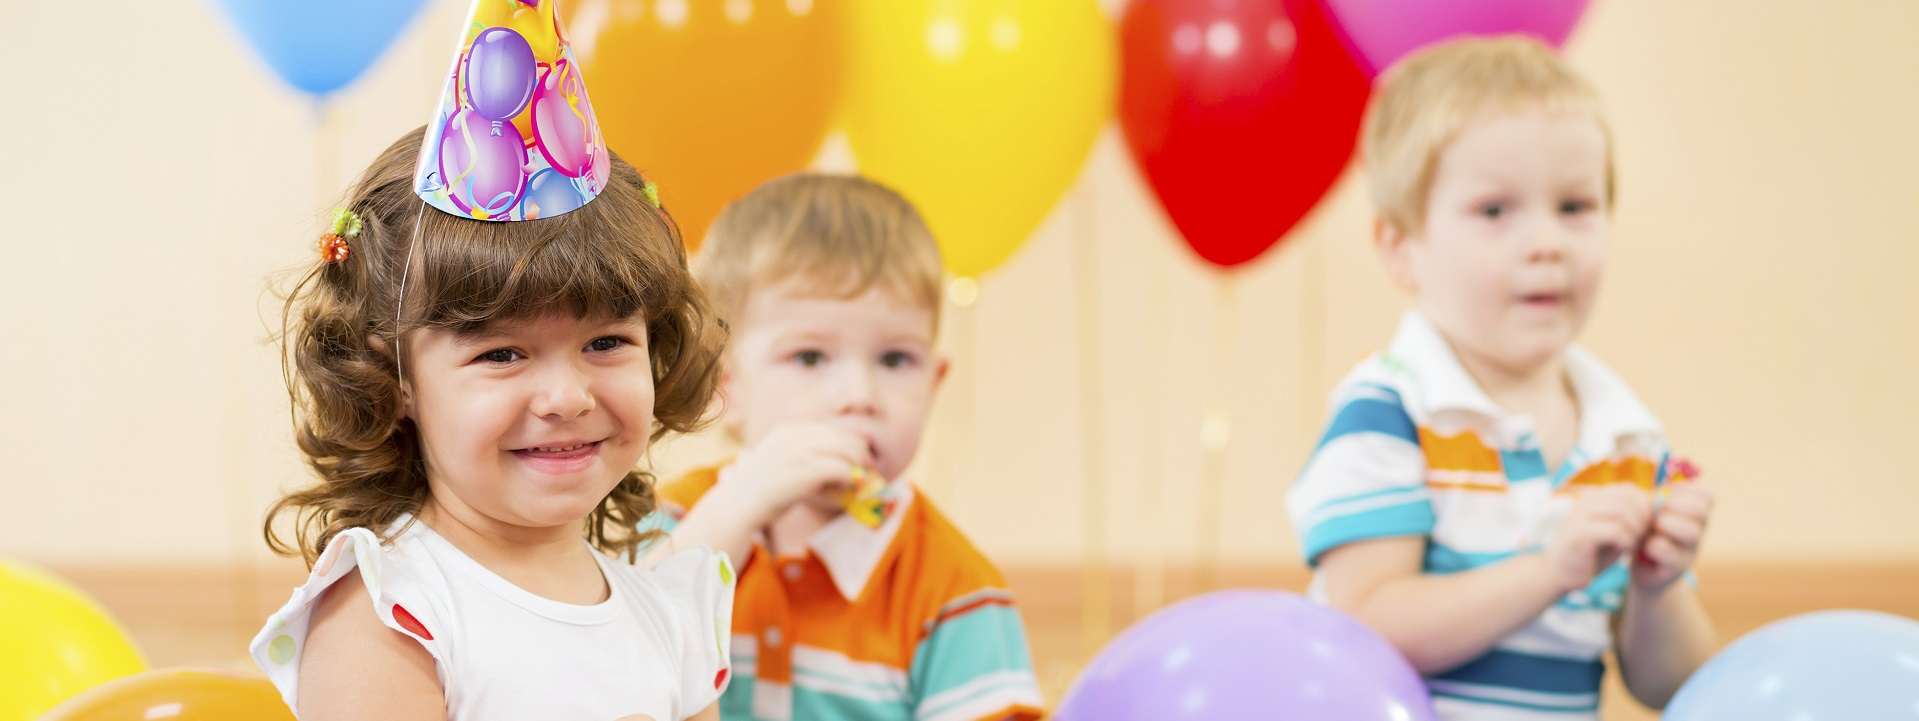 Children's party hire